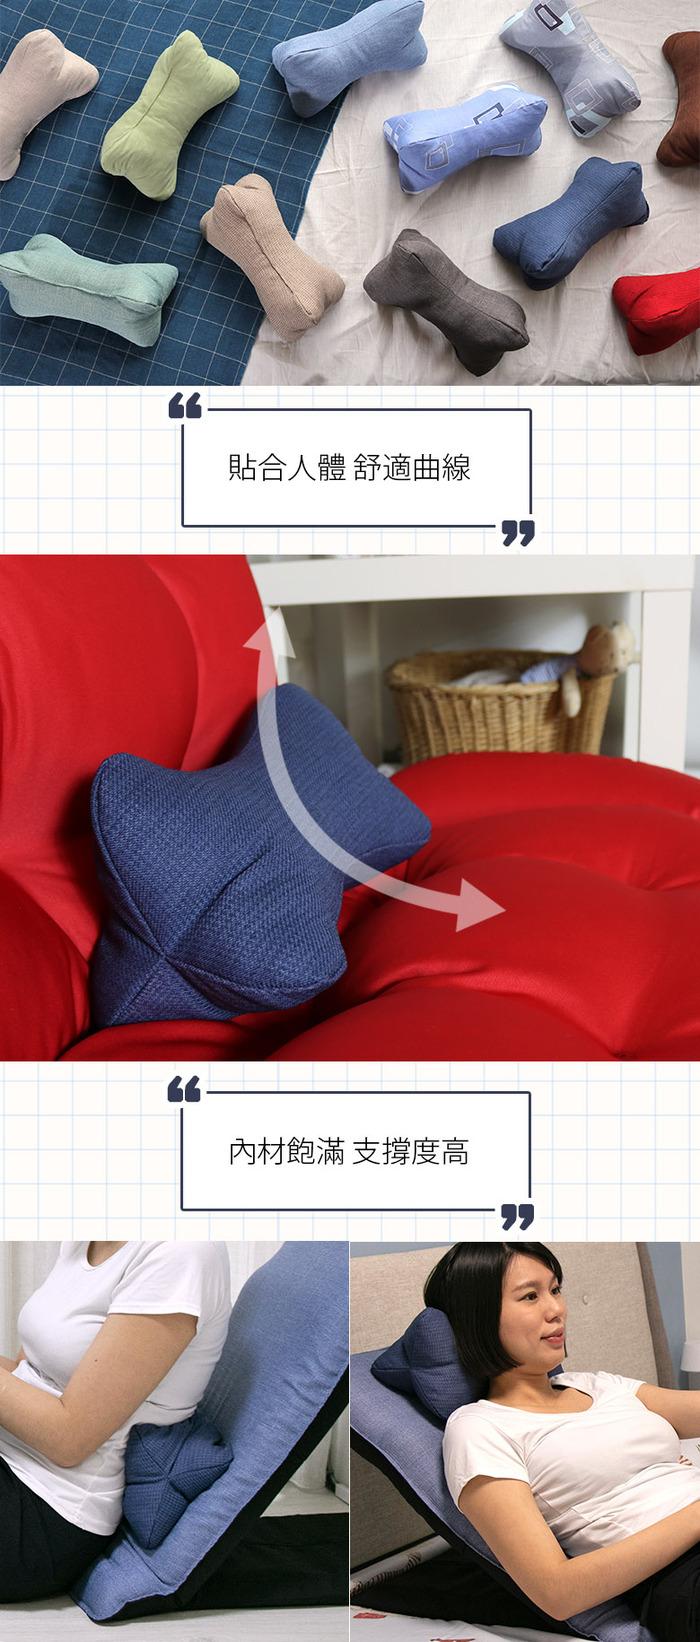 【集購】WM台客嚴選 舒適骨型枕